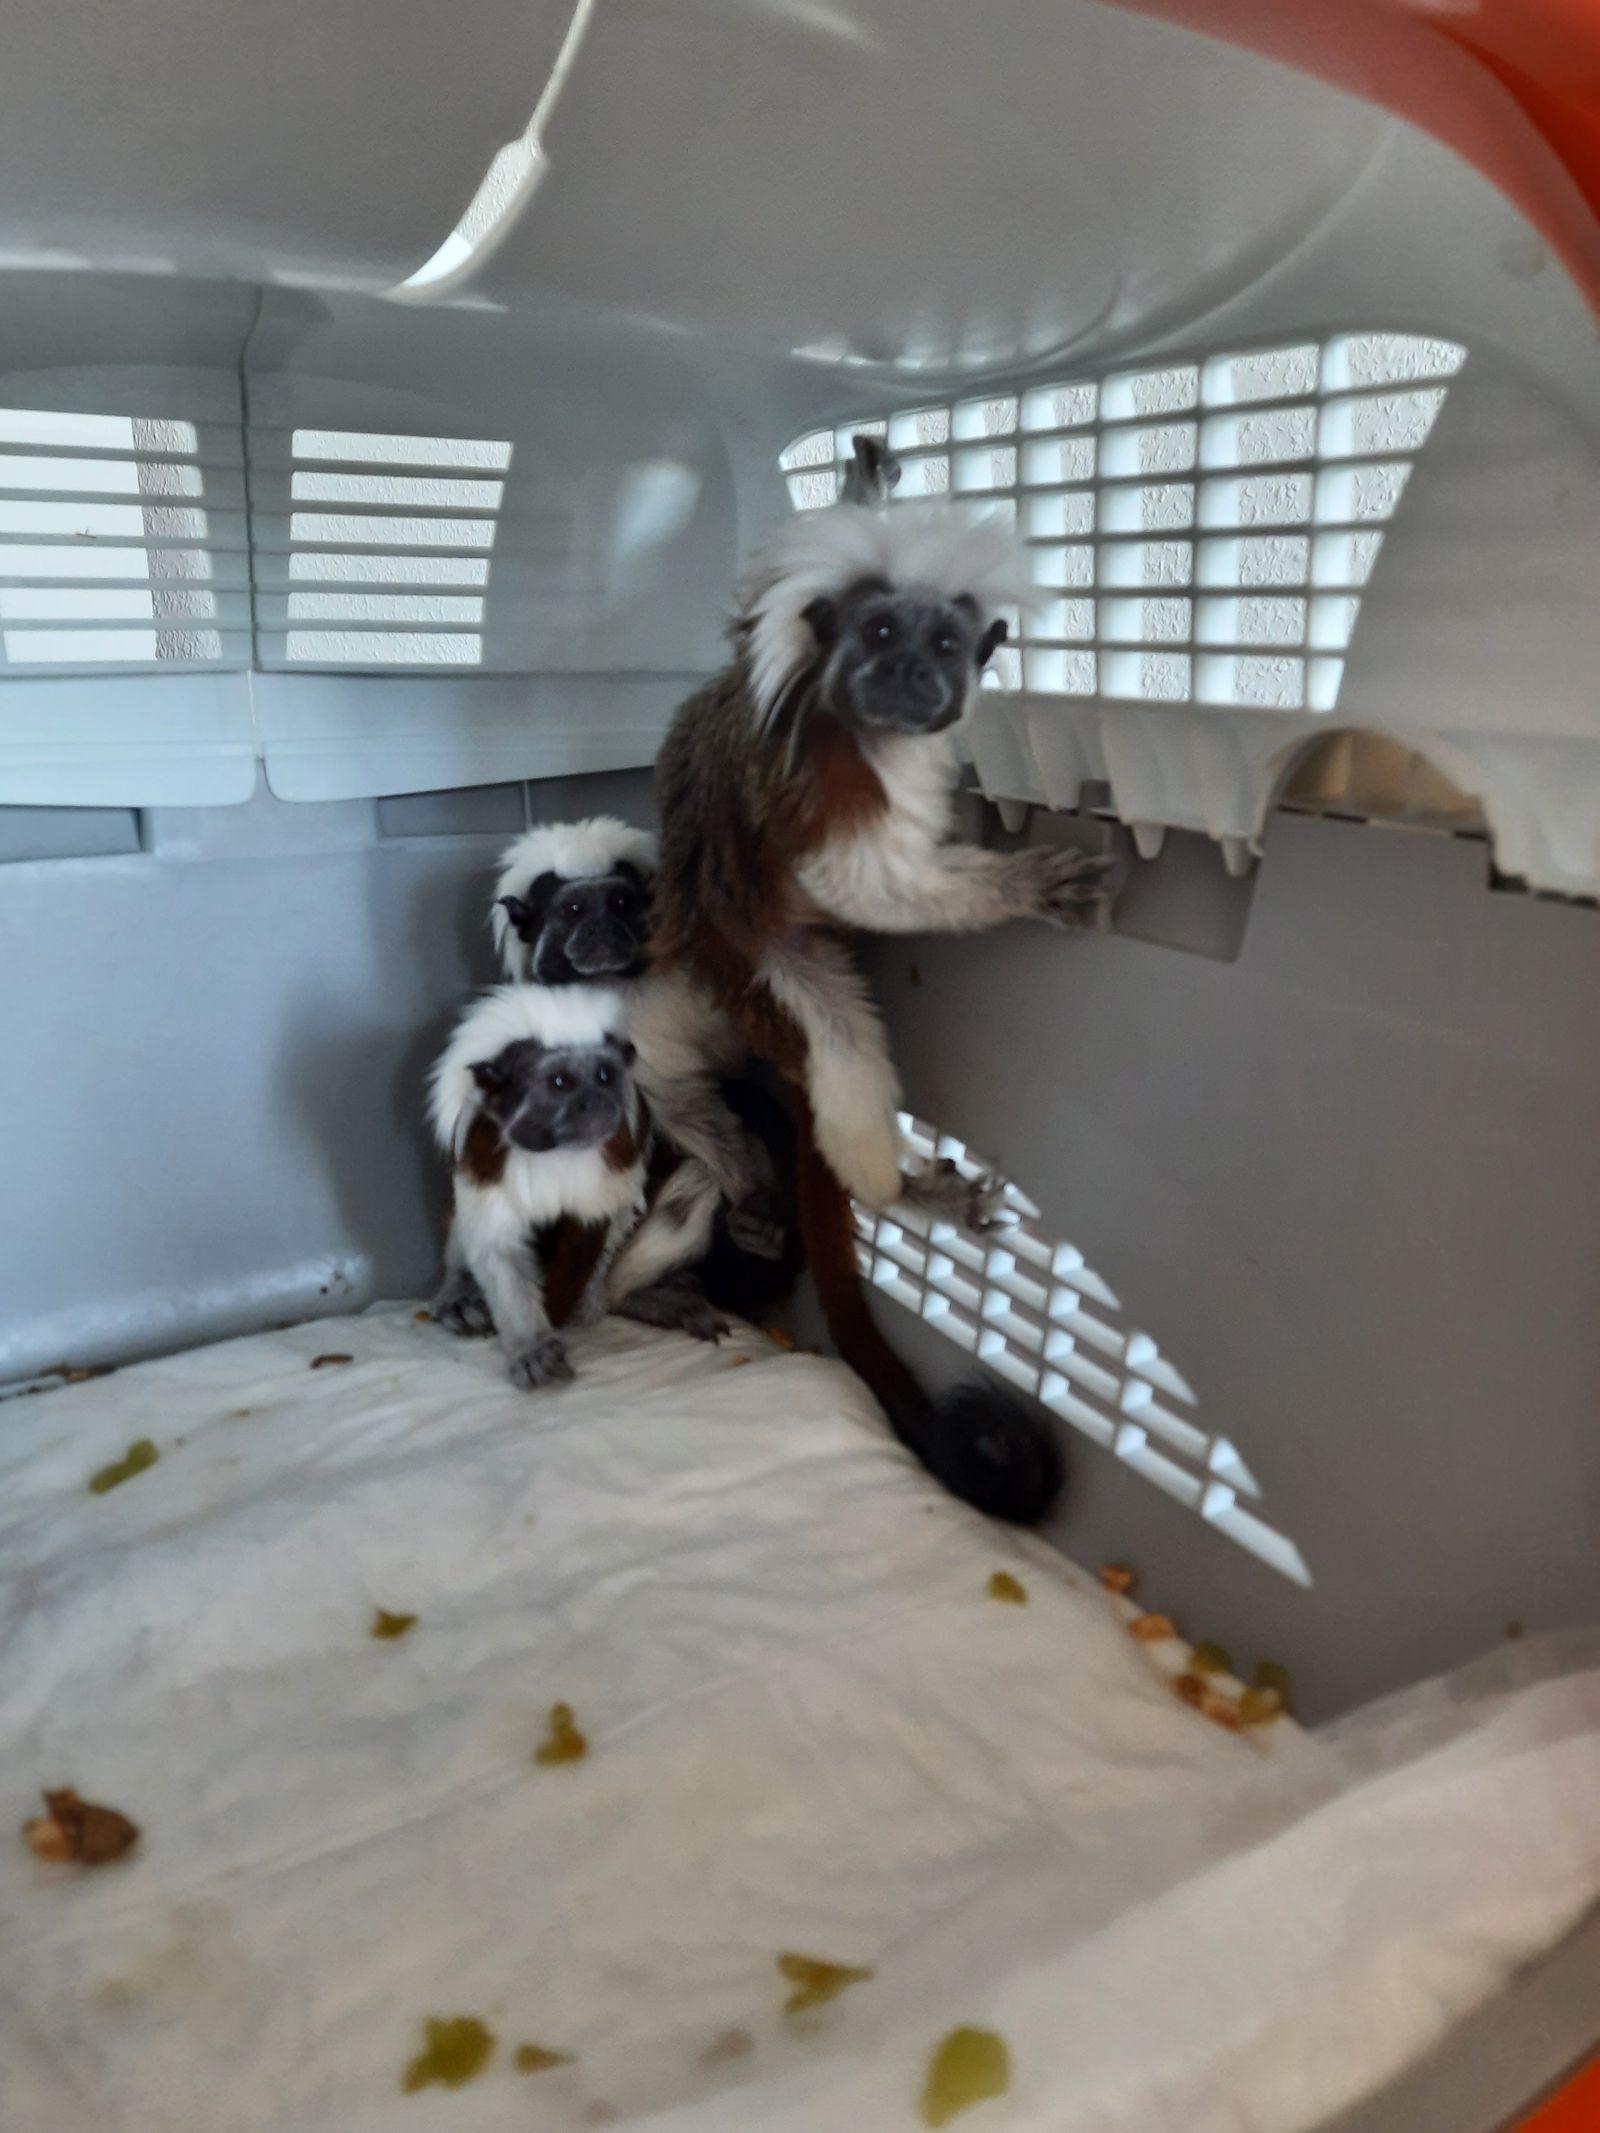 Polizei in Erfurt beschlagnahmt Affen vor illegalem Verkauf